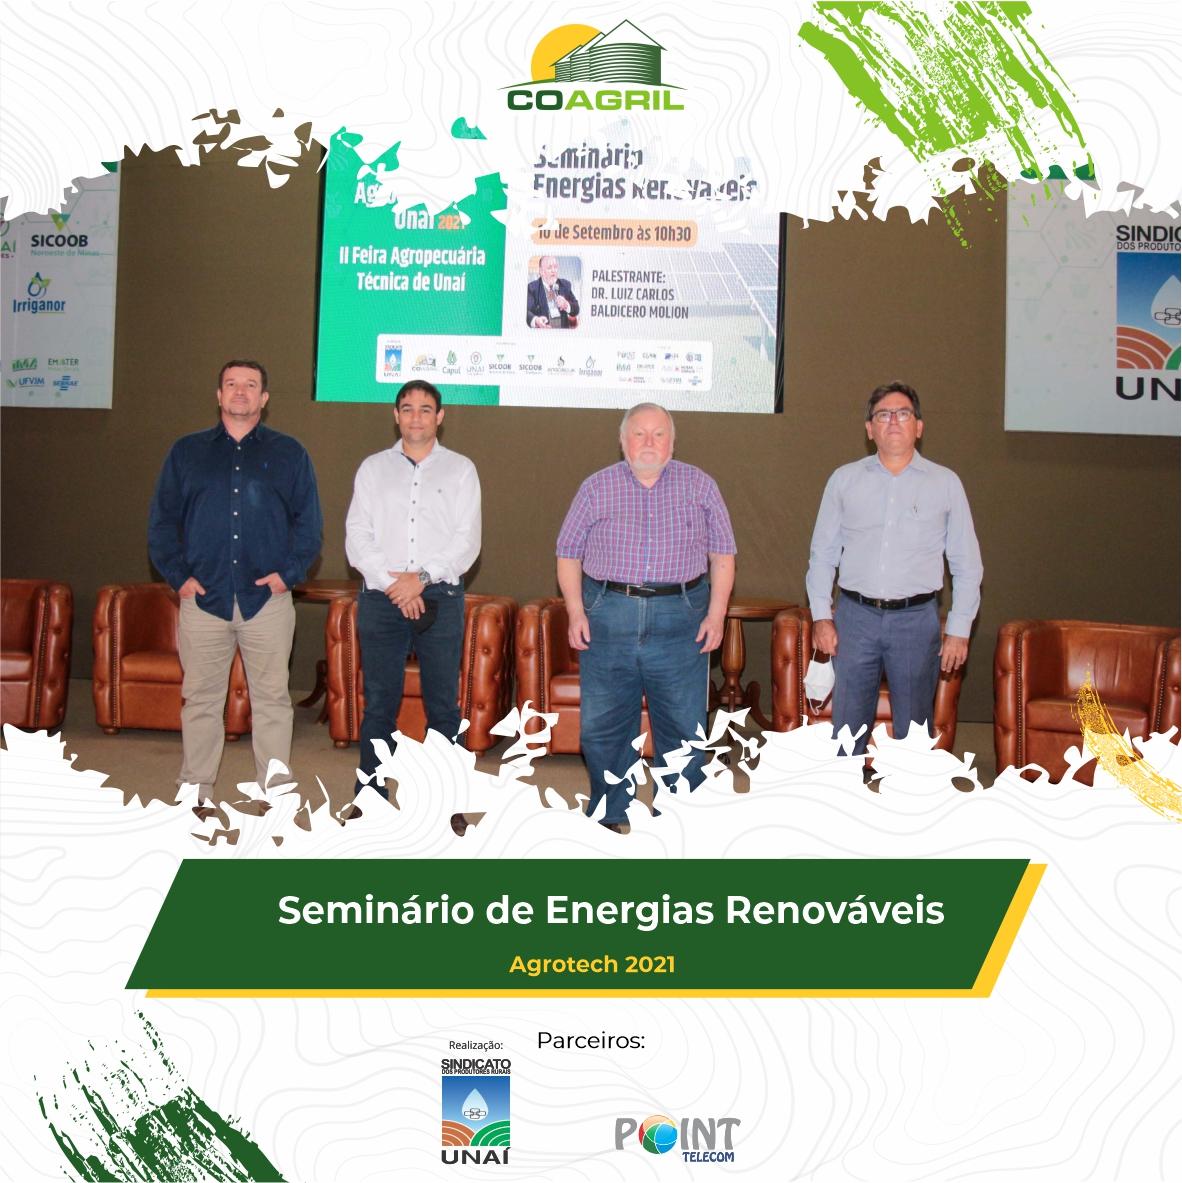 Seminário de Energias Renováveis – AgroTech 2021